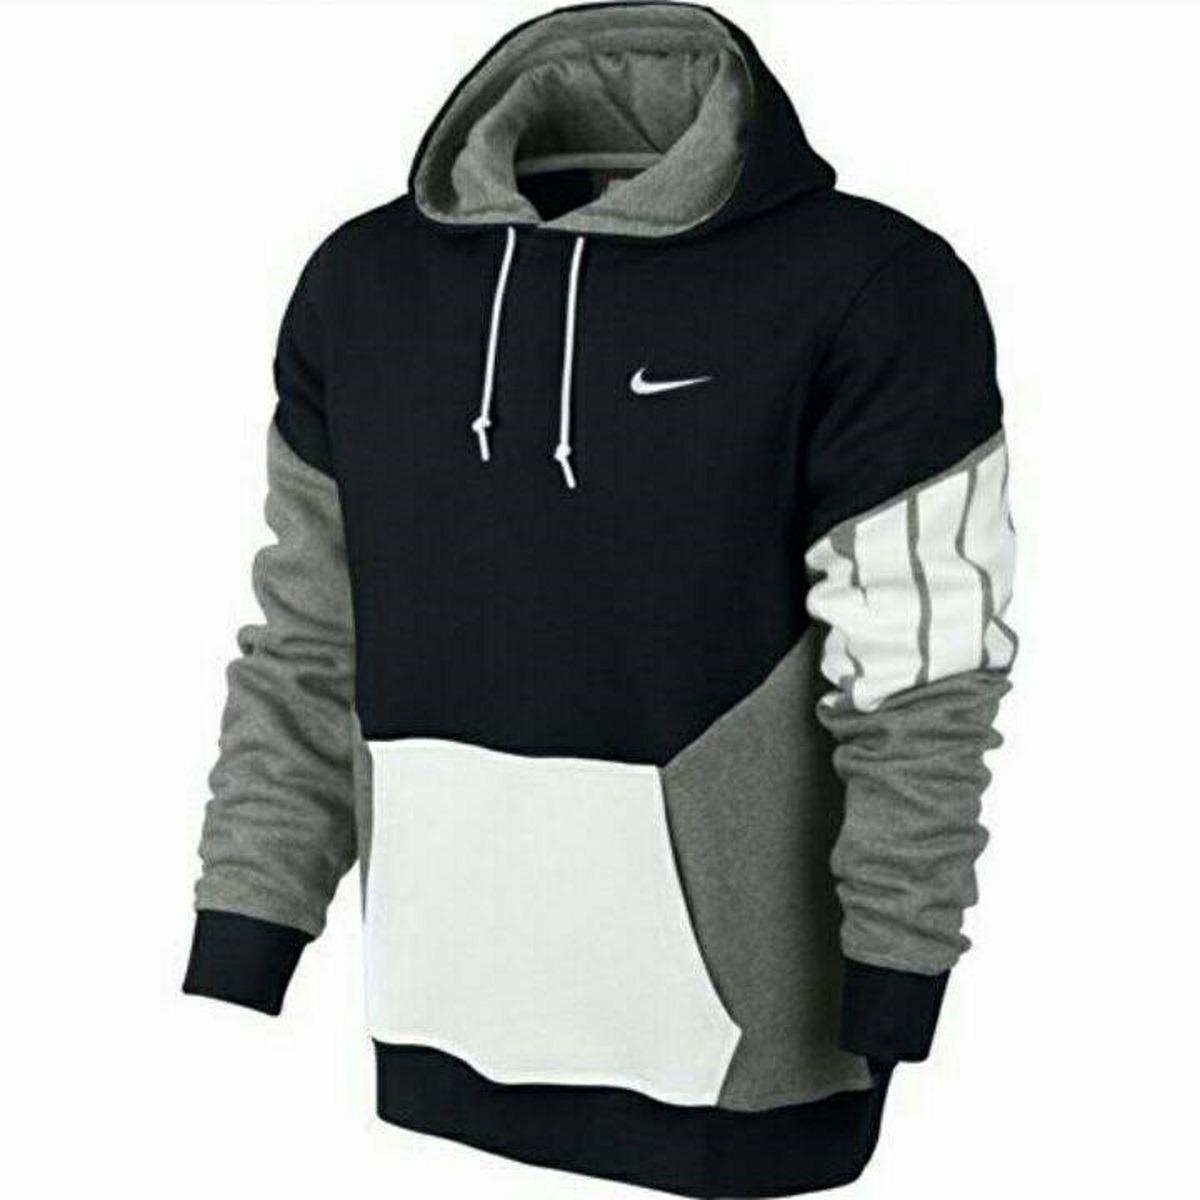 buzos chaquetas deportivas para hombre 100% calidad xs a xl. Cargando zoom. 6b68451661cf5